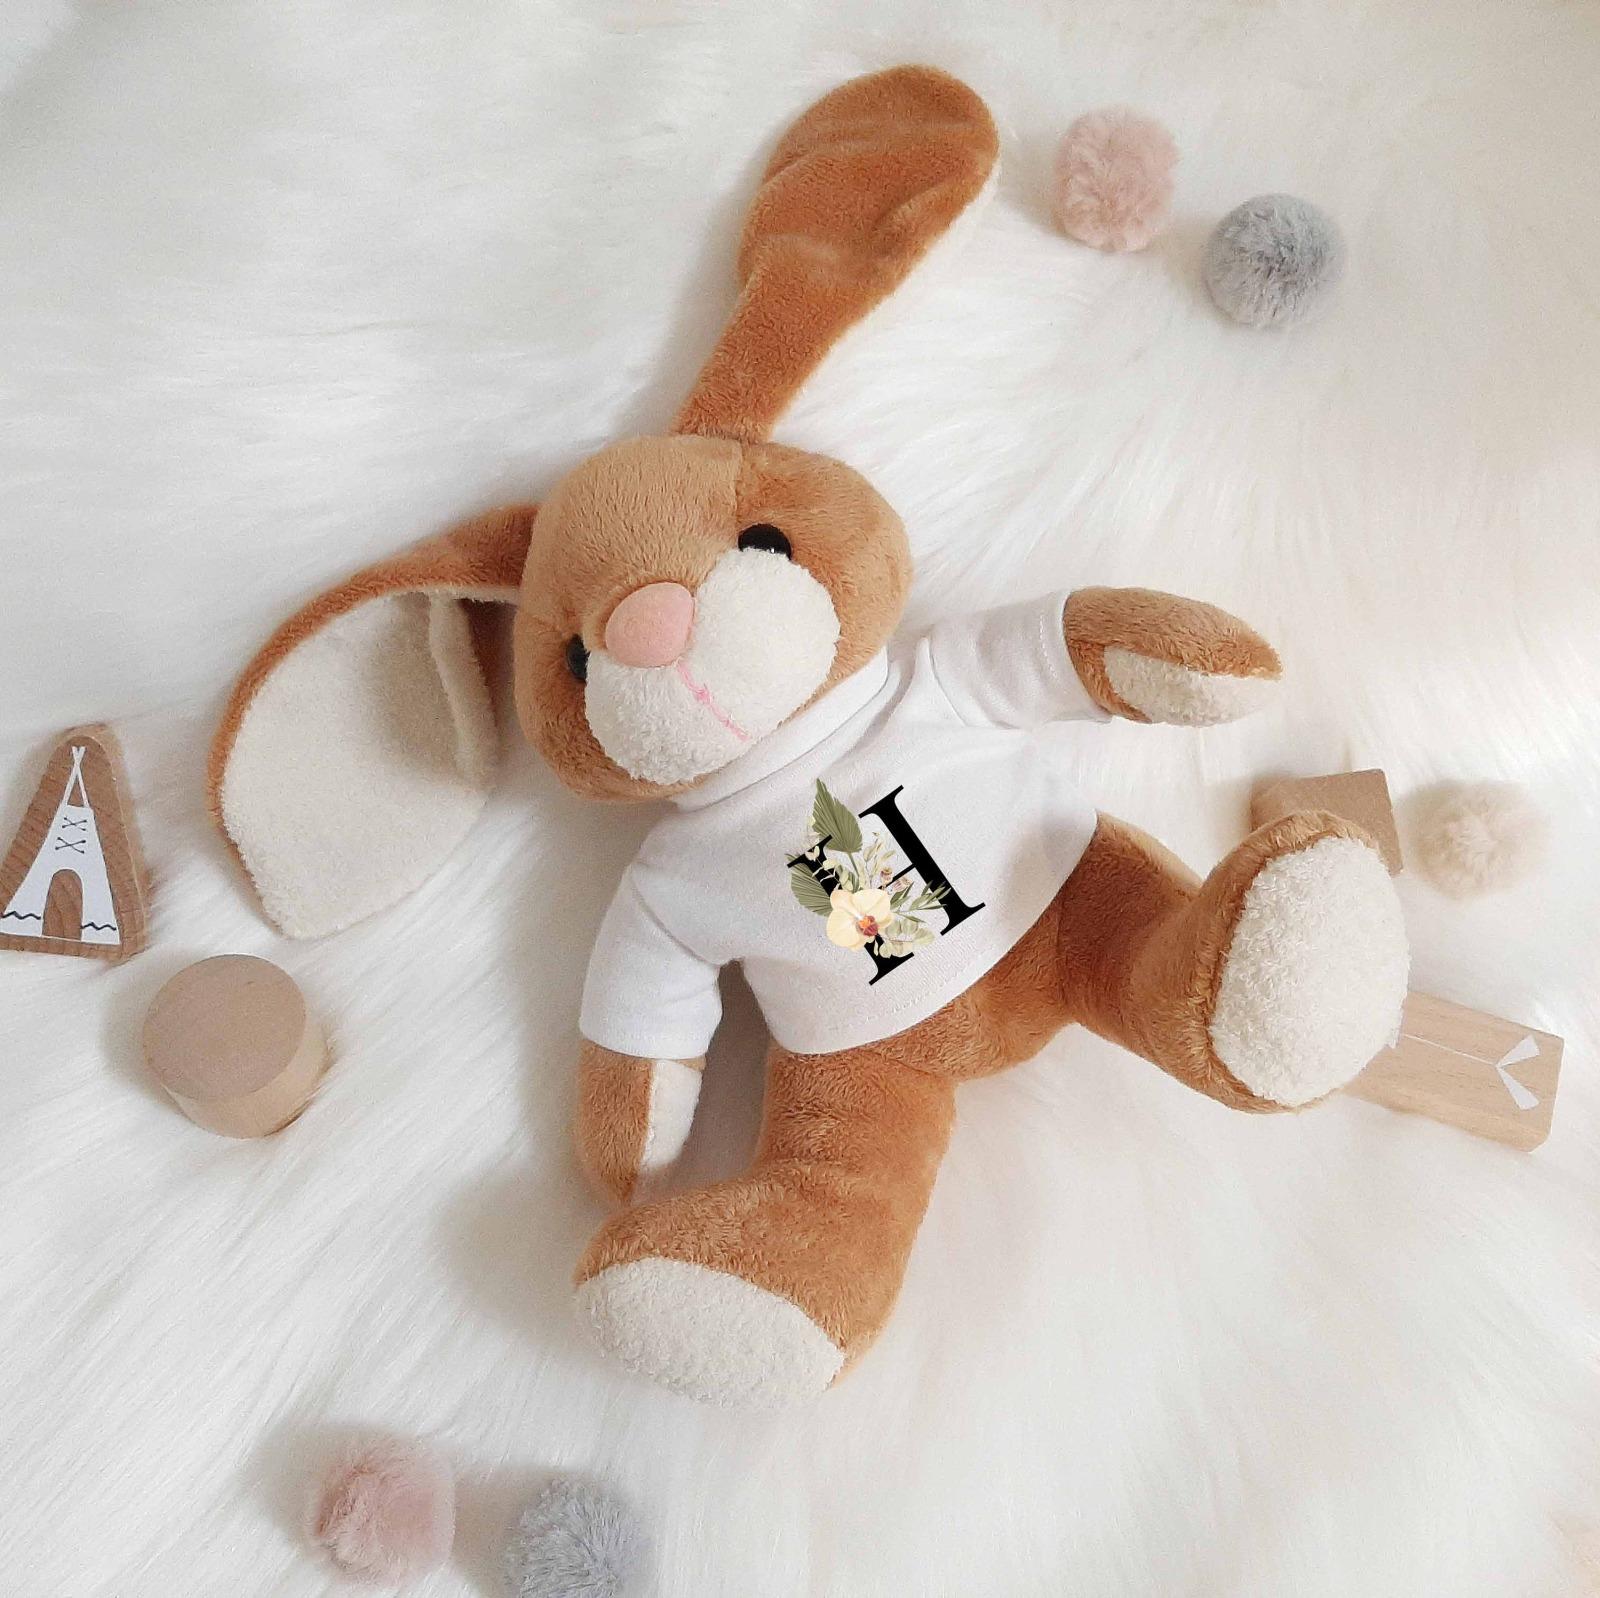 Kuscheltier Hase personalisiert mit Buchstaben 4